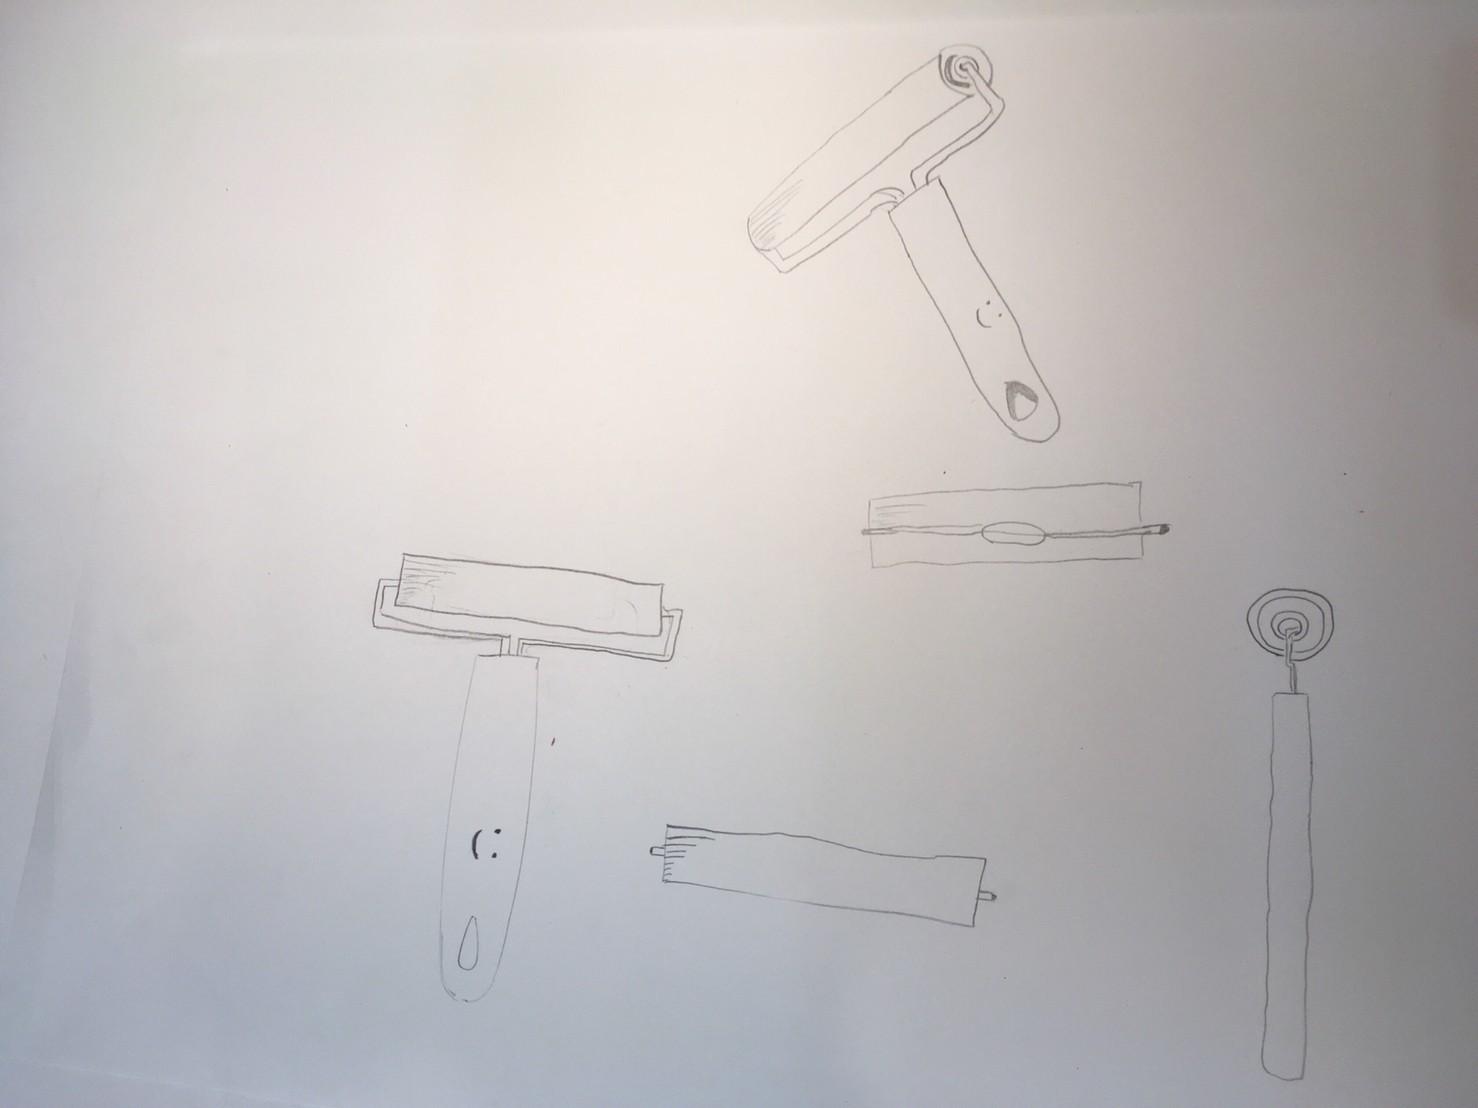 鉛筆で描こう~立体の表現へ向けて~_d0076558_15172993.jpg